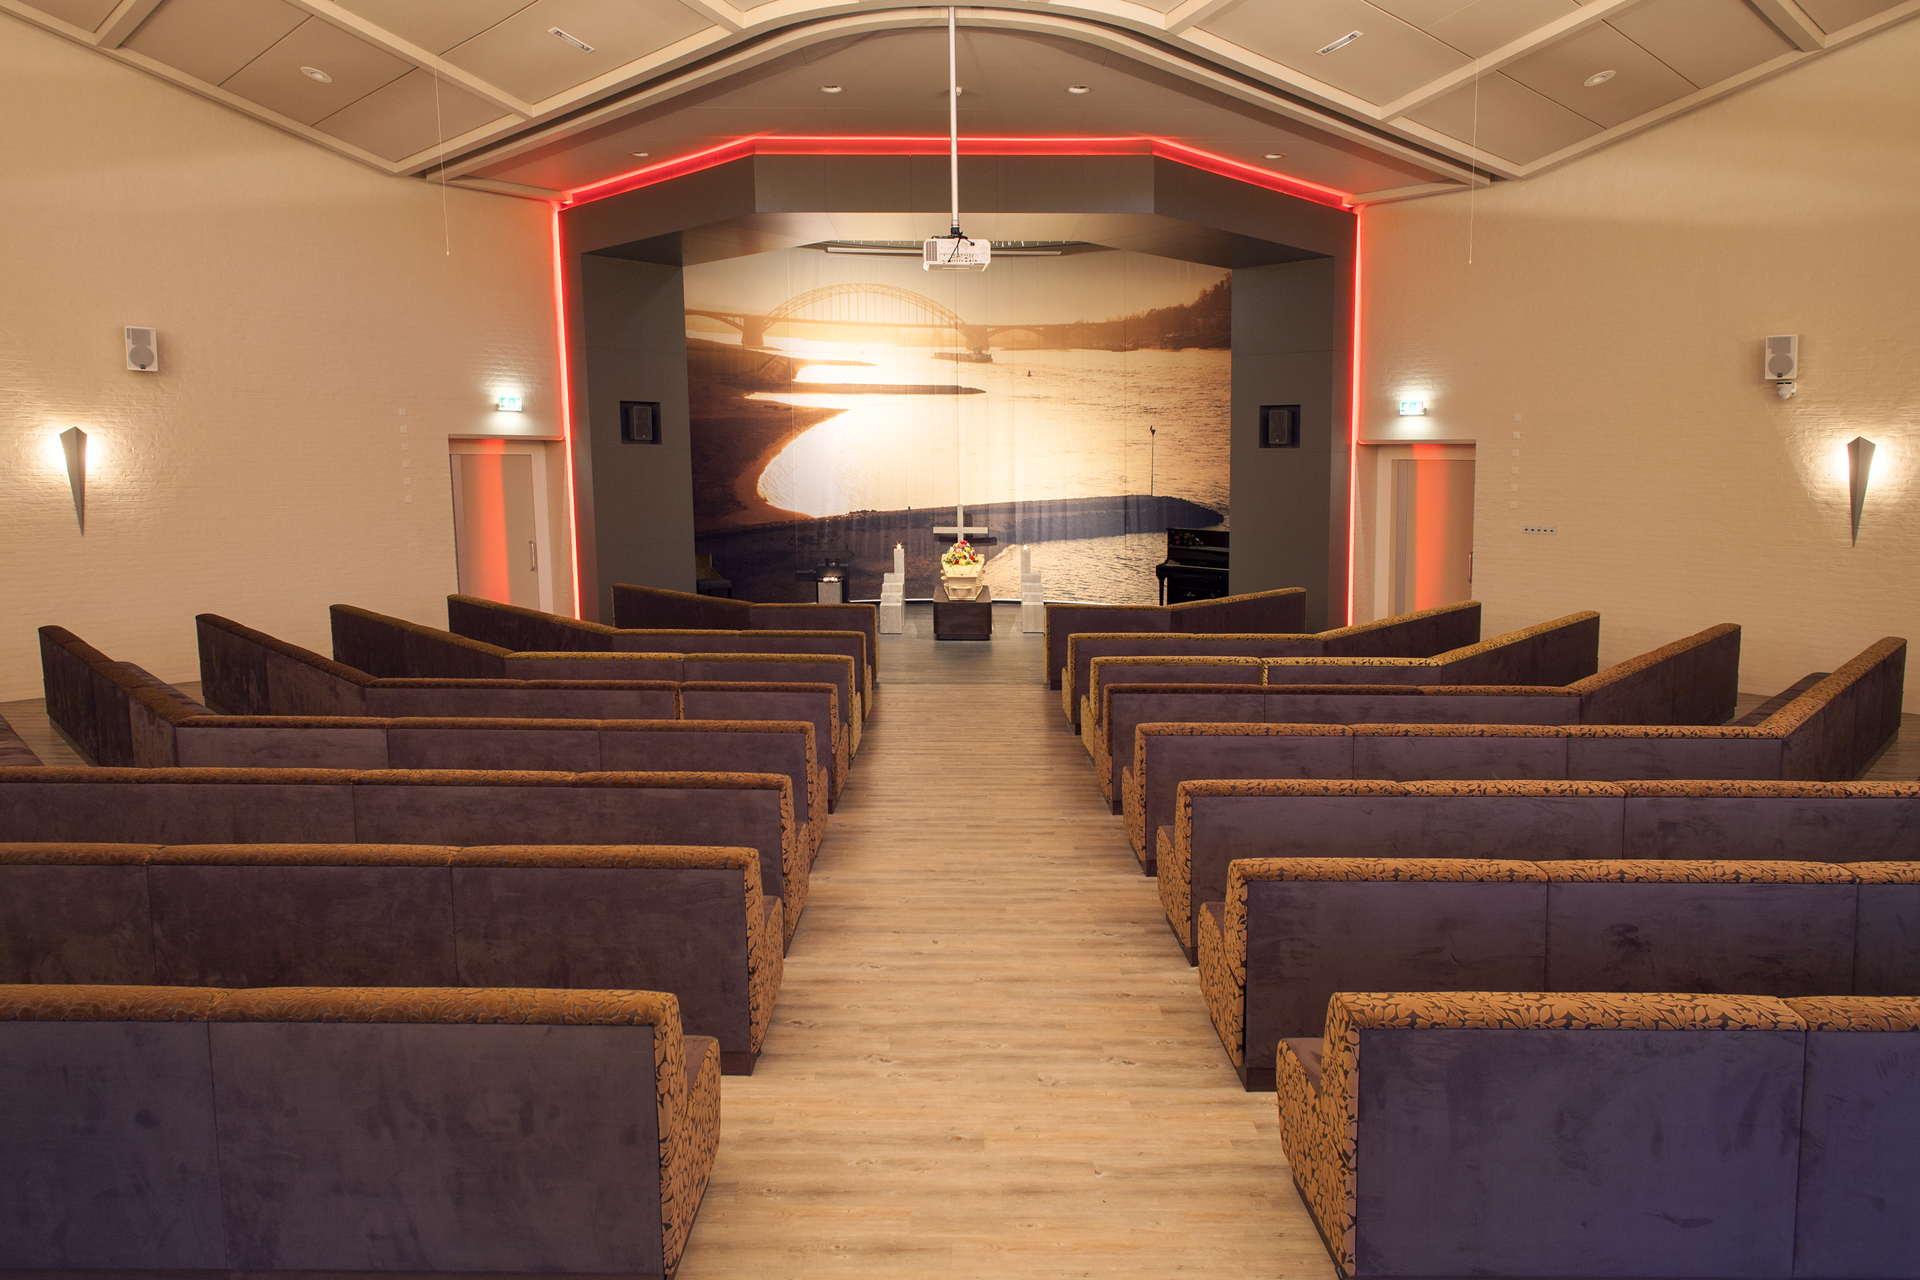 Grote aula crematorium Beuningen